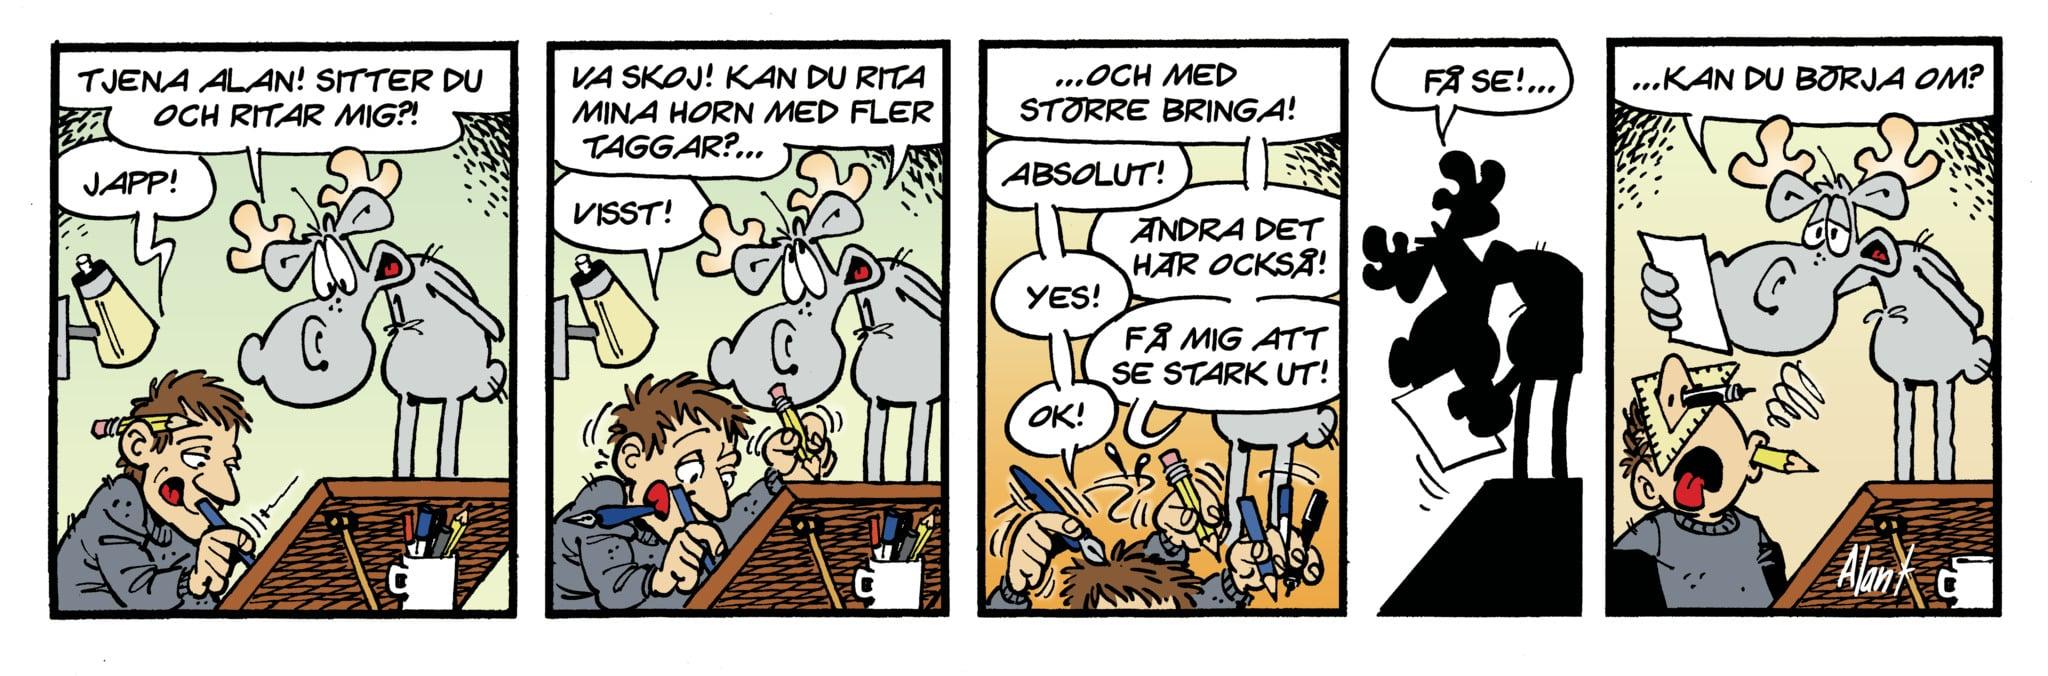 Alan Kamieniarczyk visar i en strip lite av hur han ser på sitt uppdrag som tecknare av Hälge.